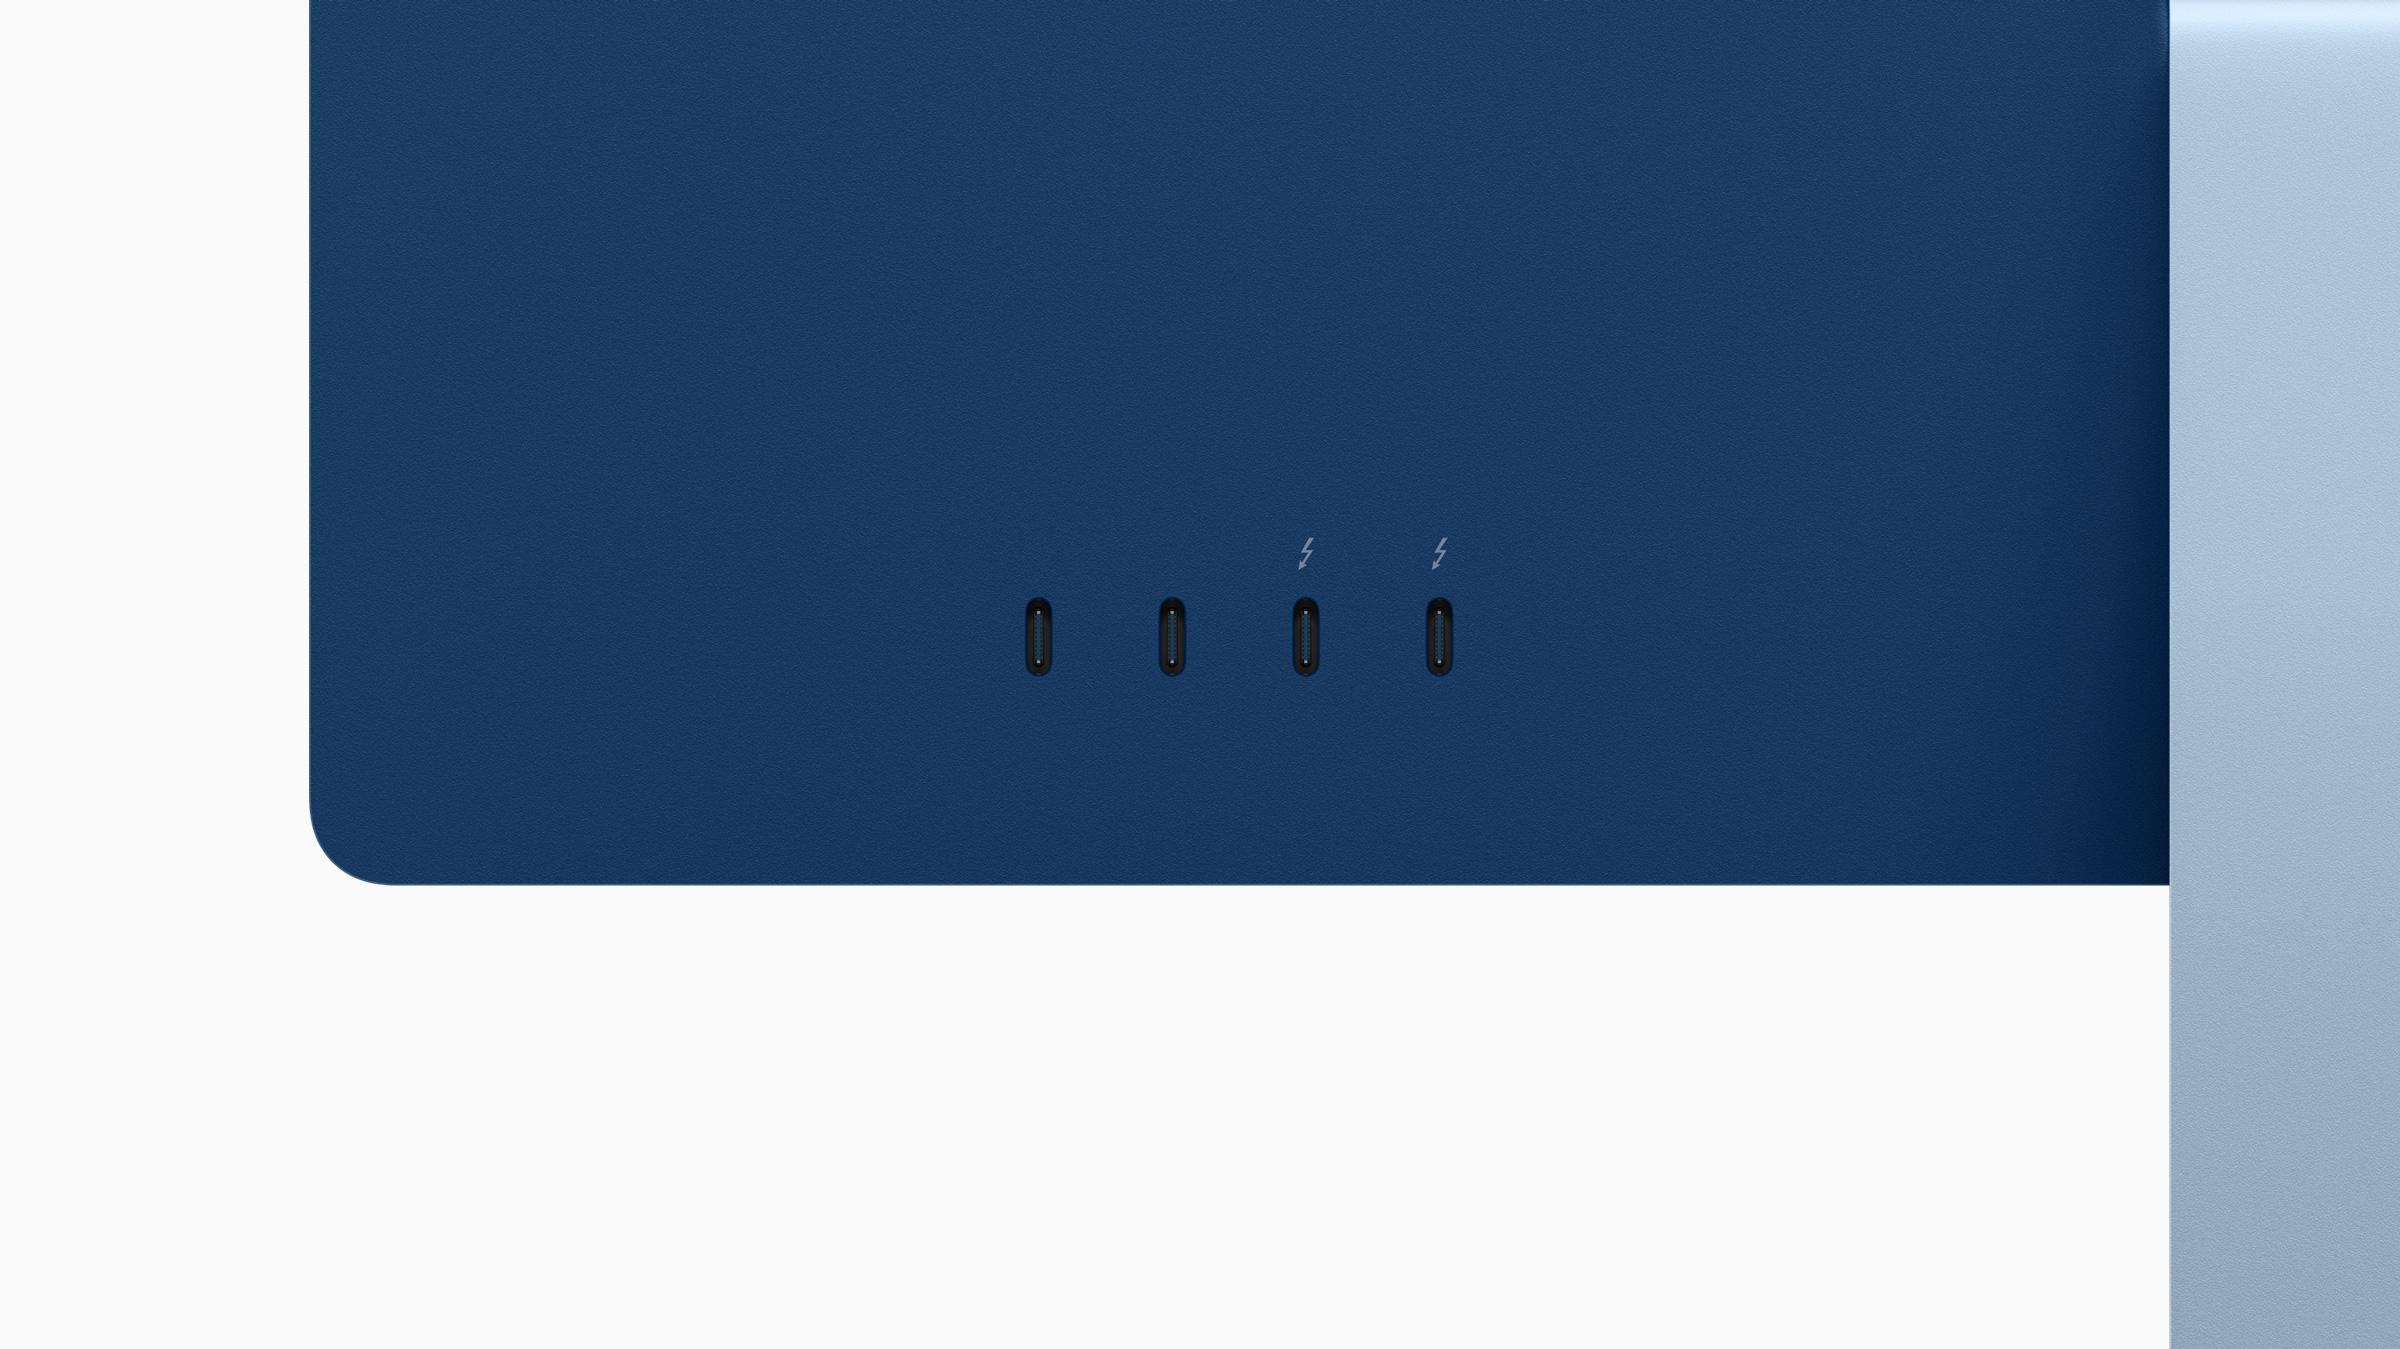 m1 imac ports